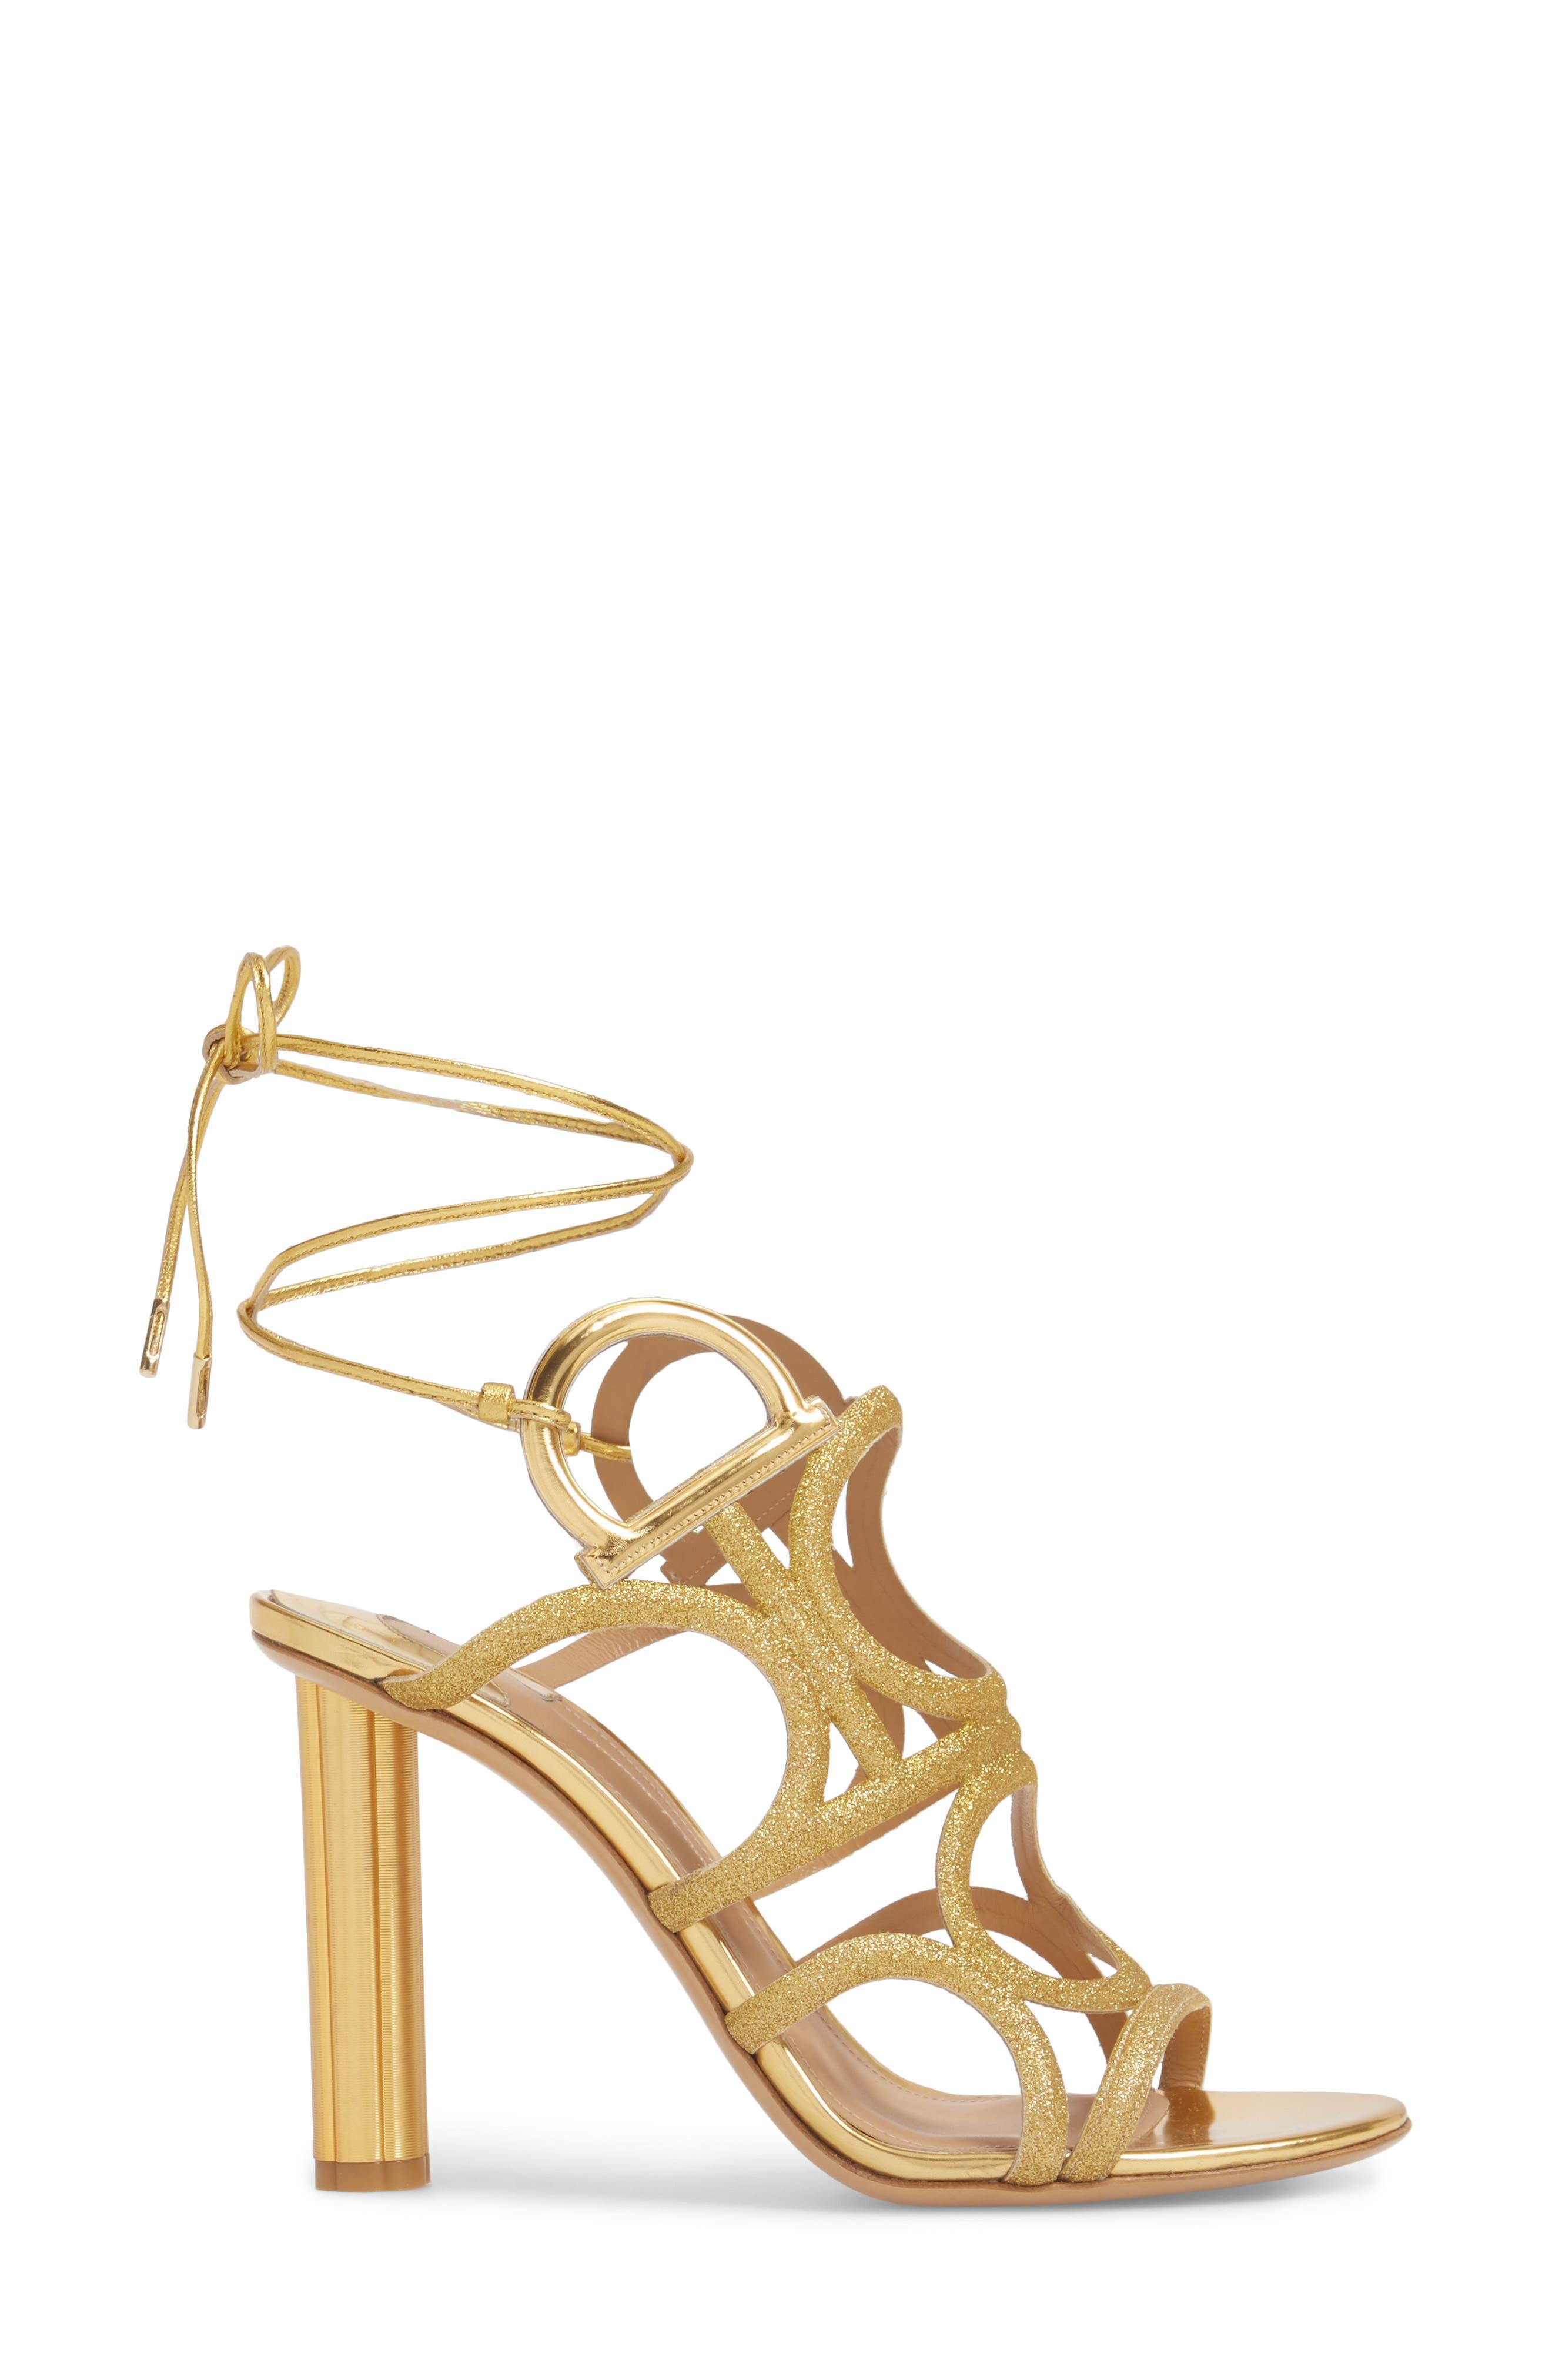 Vinci Lace-Up Sandal,                             Alternate thumbnail 3, color,                             Gold